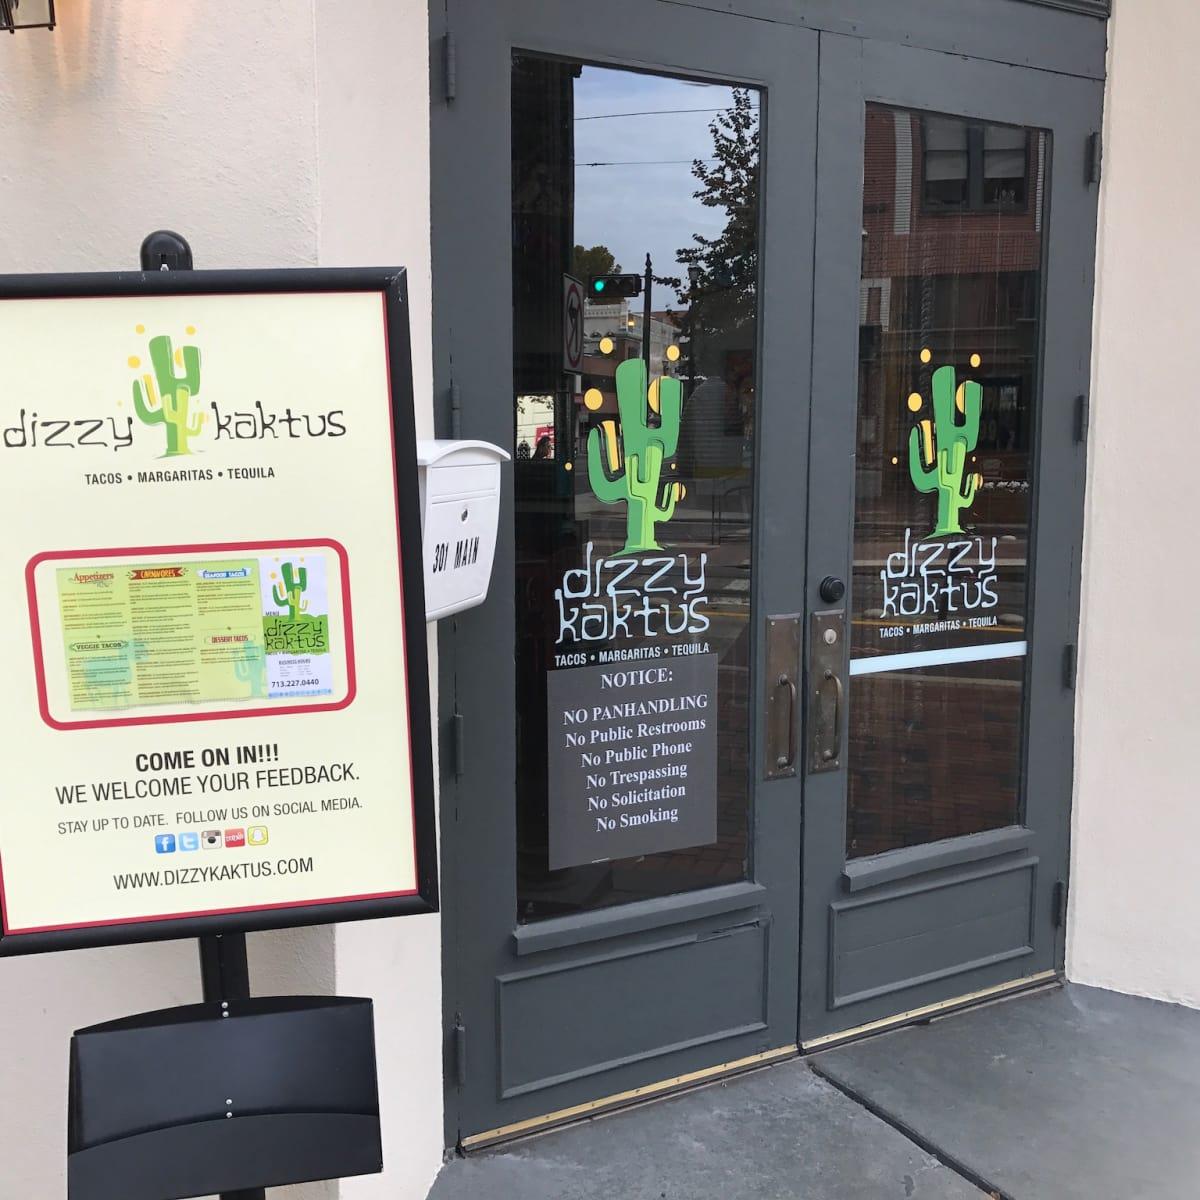 Dizzy Kaktus exterior